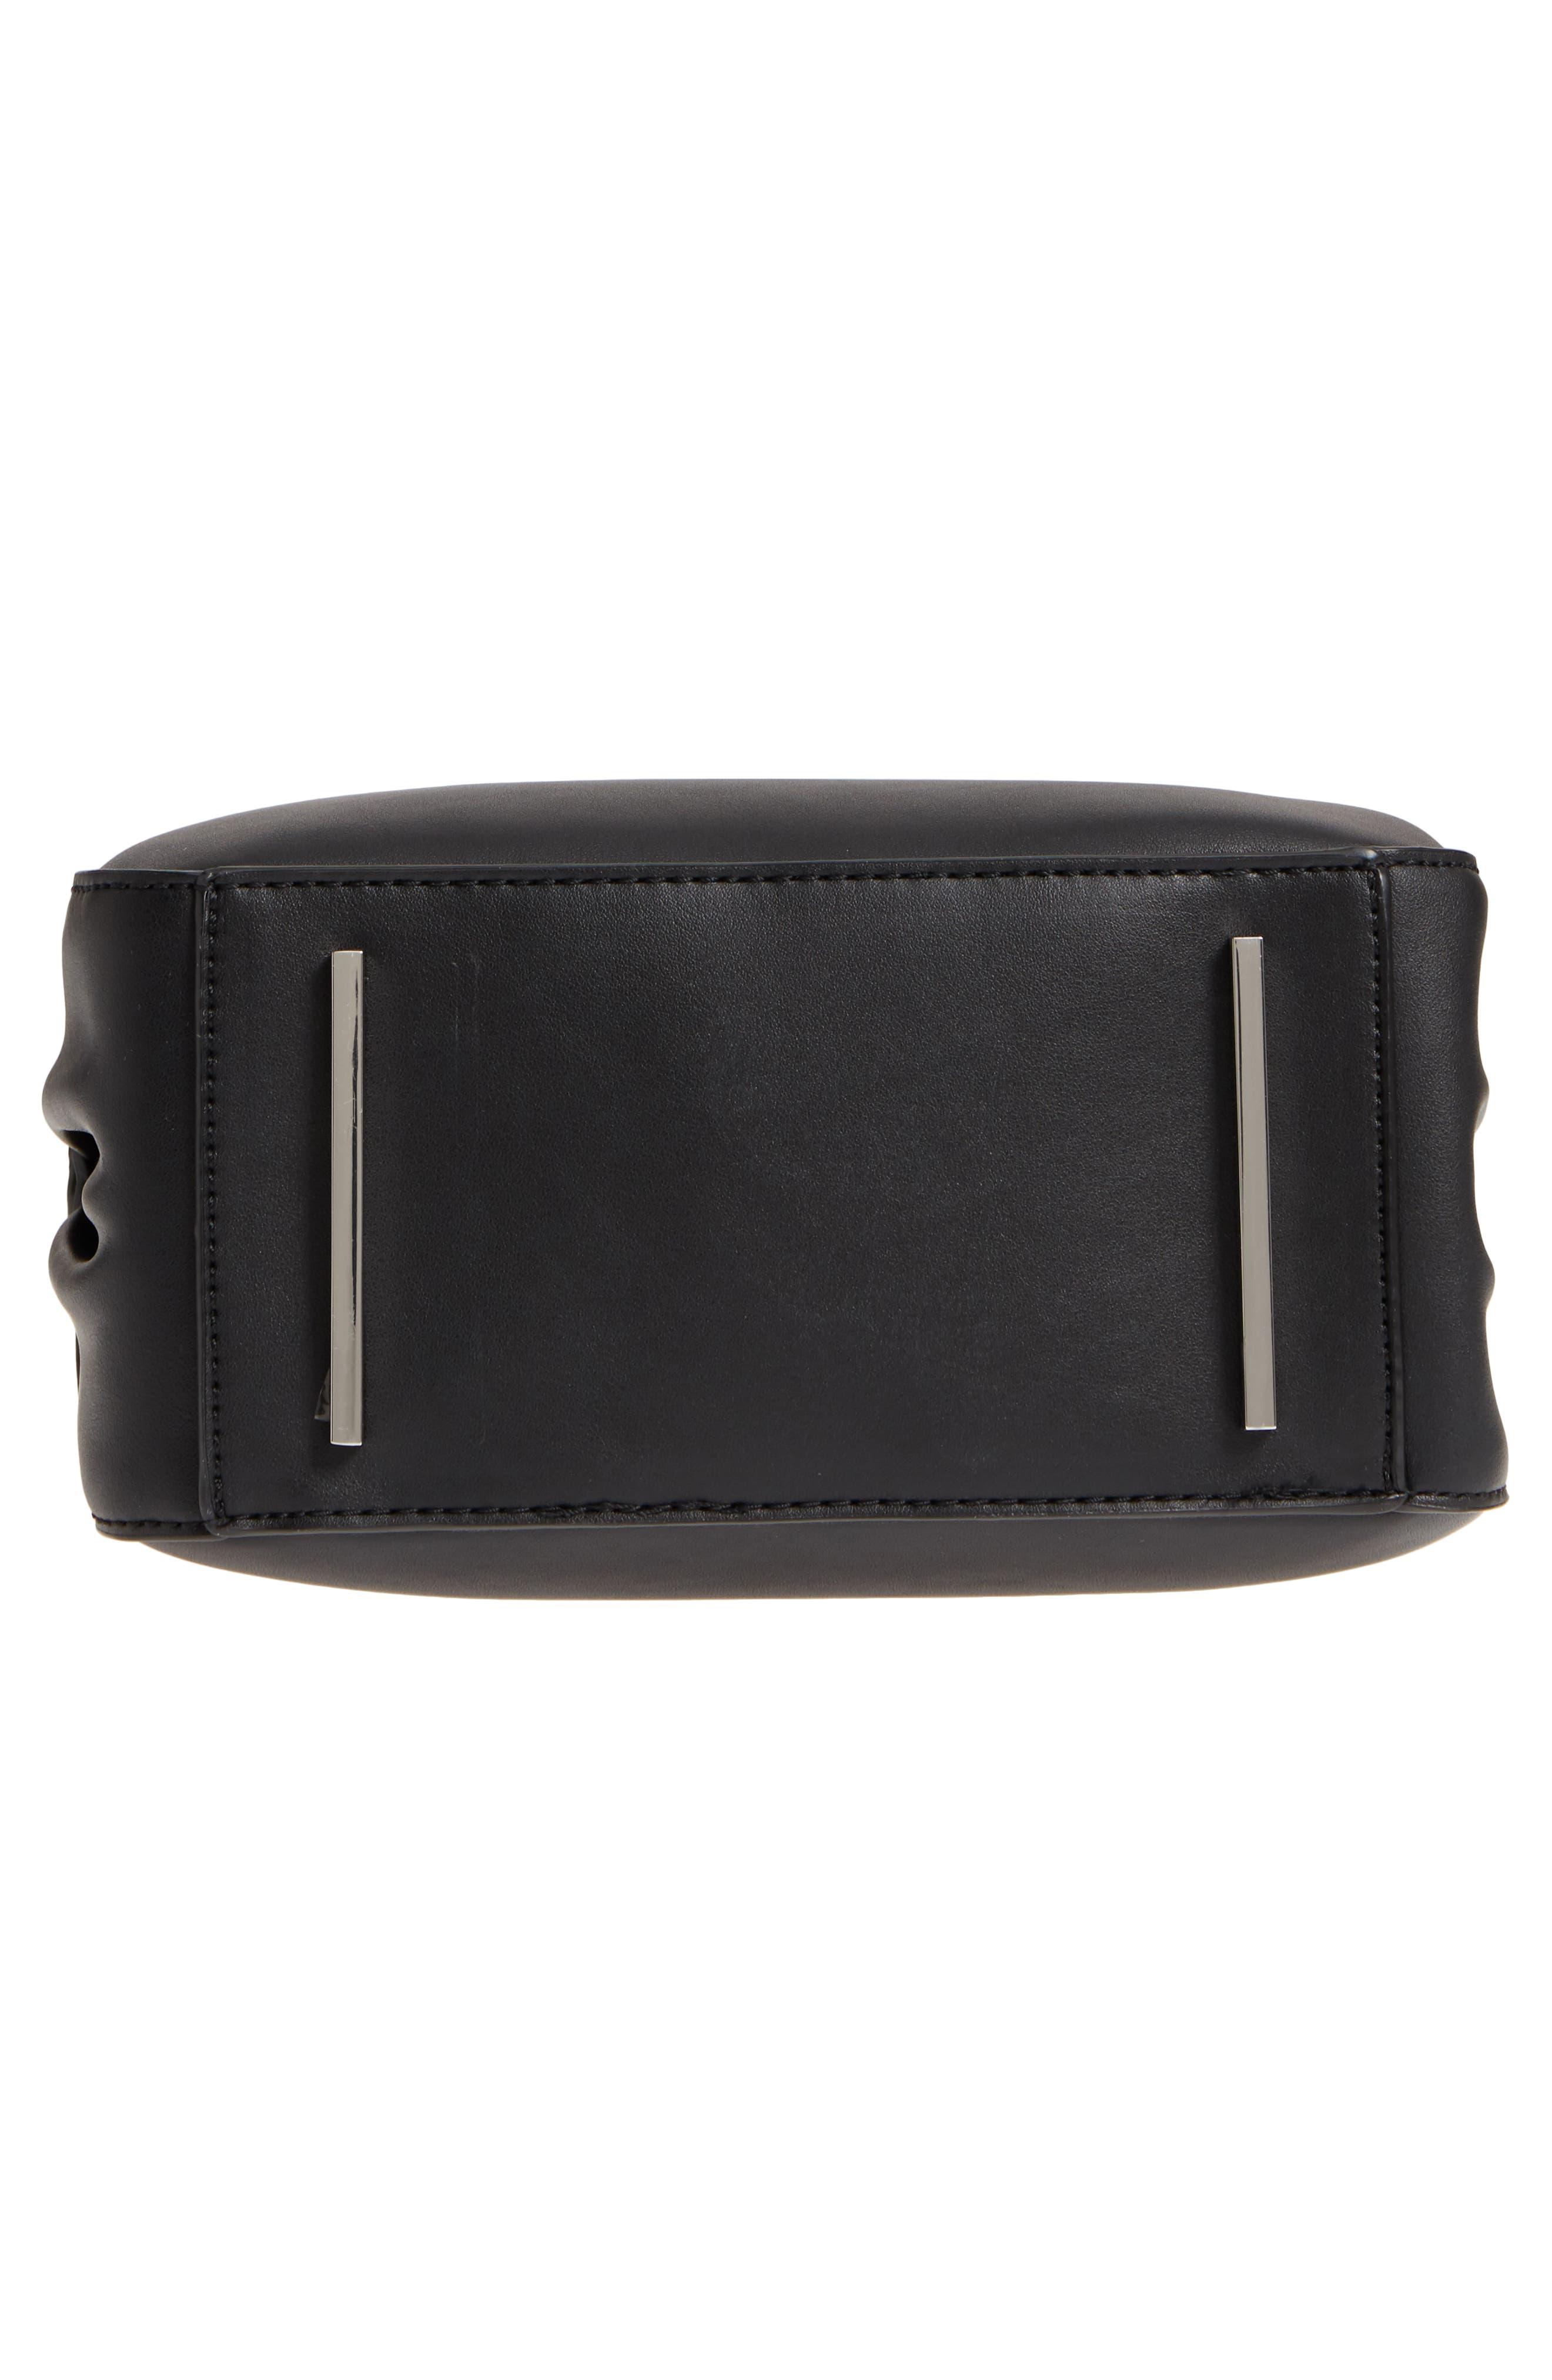 Céline Dion Motif Top Handle Leather Satchel,                             Alternate thumbnail 16, color,